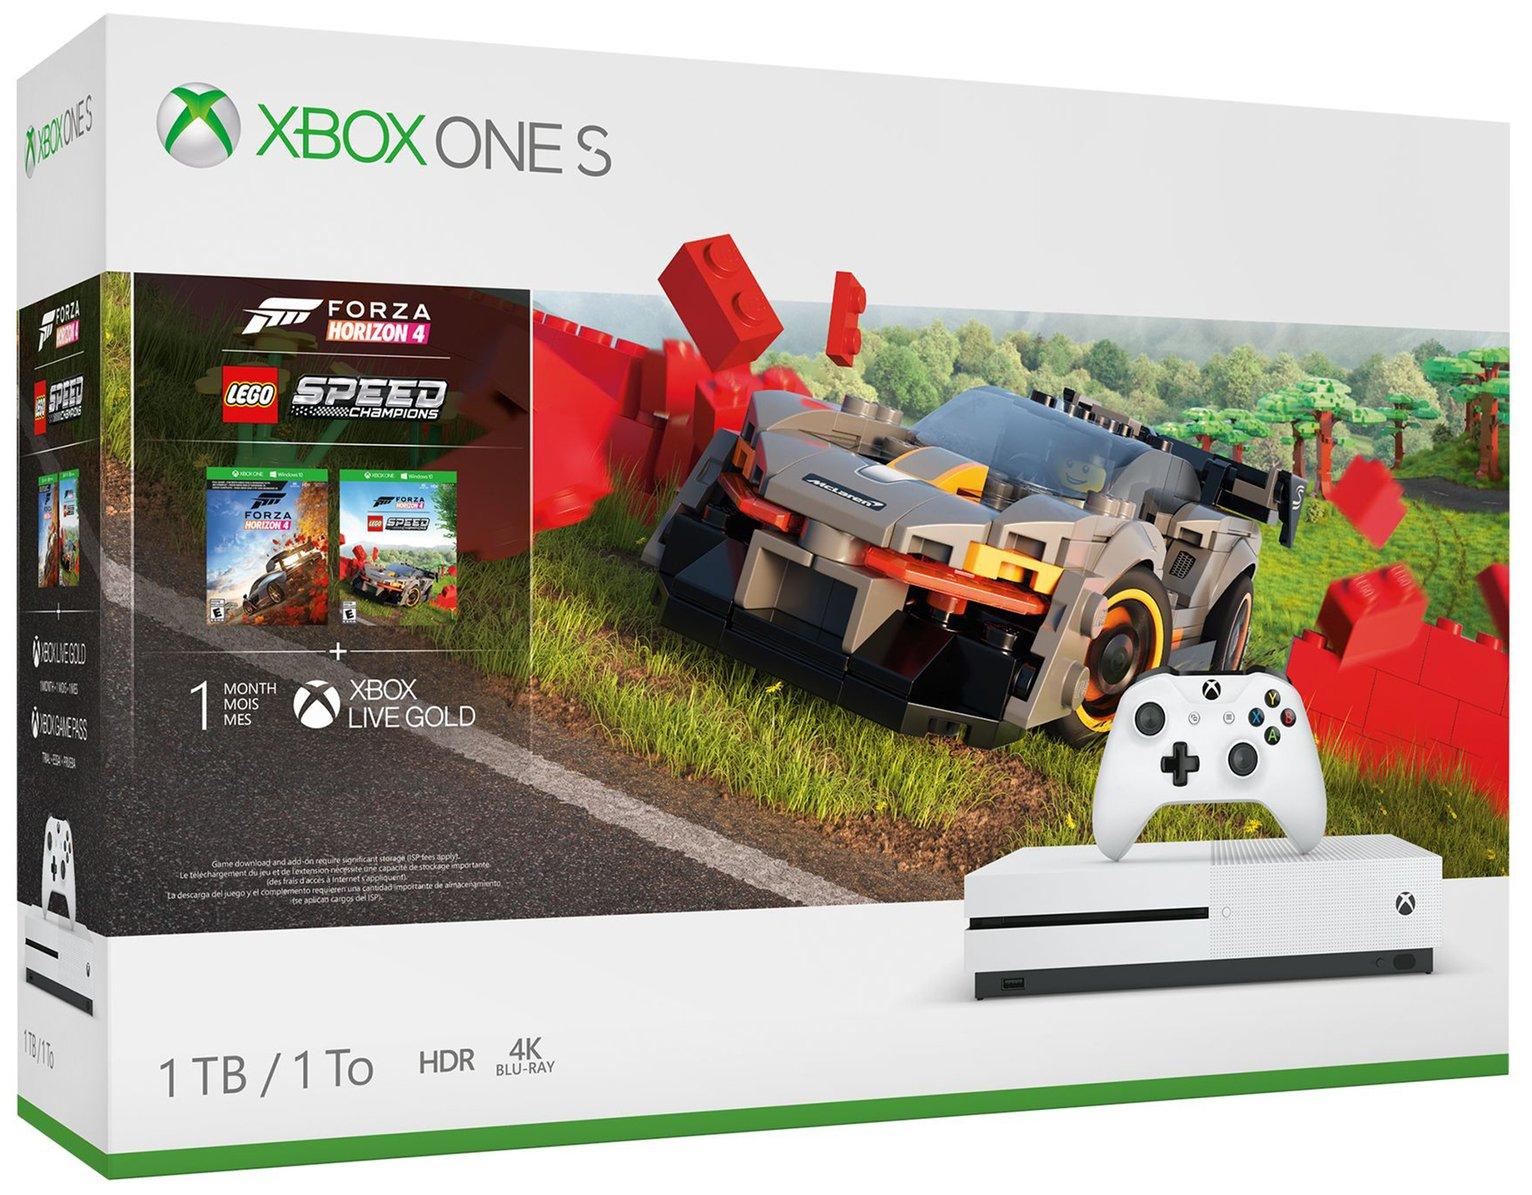 Image of Xbox One S 1TB Console & Forza Horizon 4 LEGO Speed Bundle